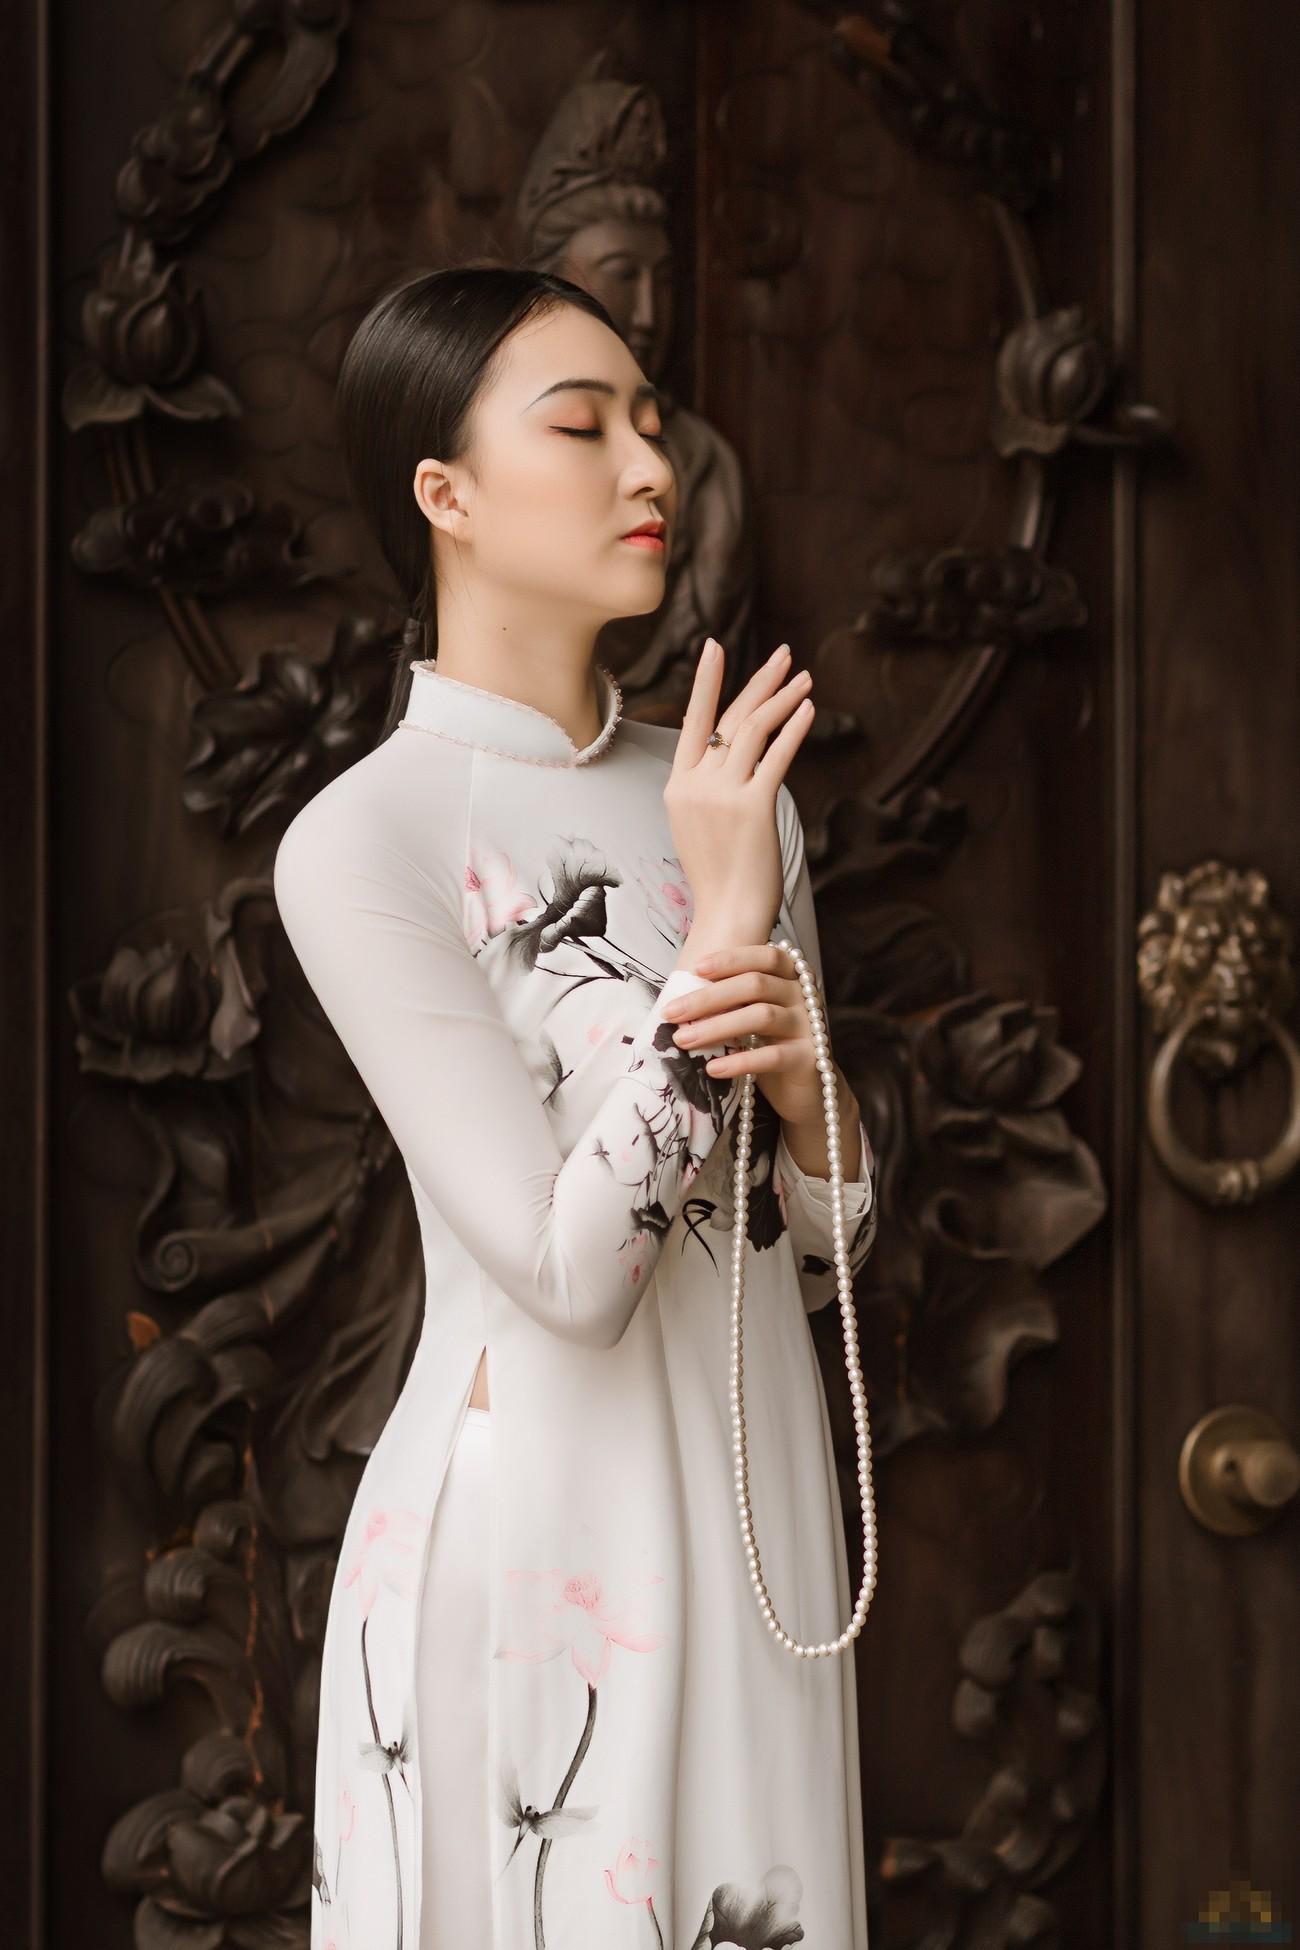 2 cô gái lọt Top 5 Người đẹp Thể thao HHVN 2020 'đọ sắc' với áo dài ảnh 4